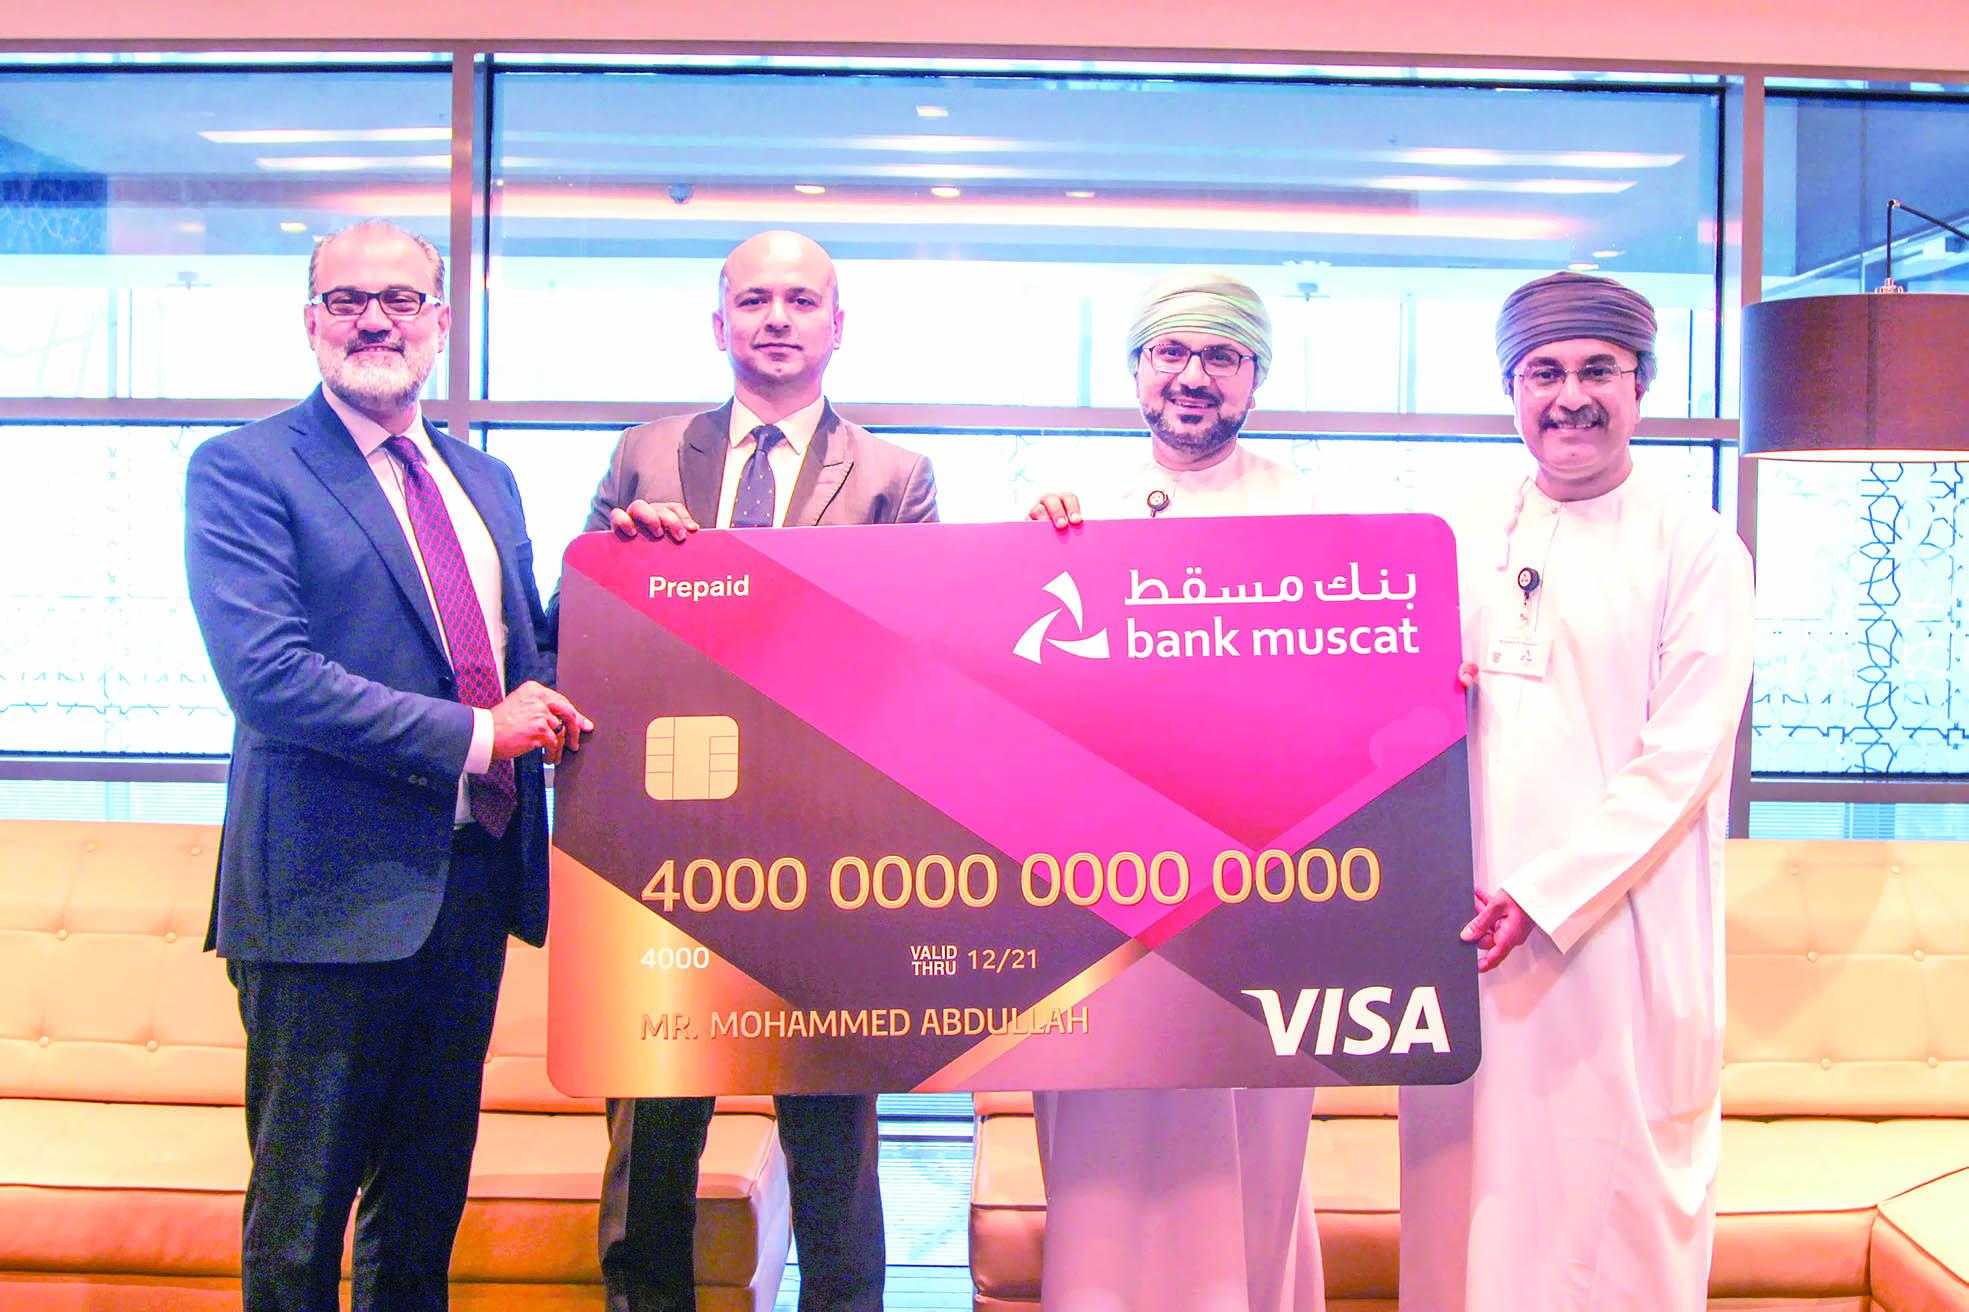 بنك مسقط يدشن بطاقة فيزا مسبقة الدفع الجديدة